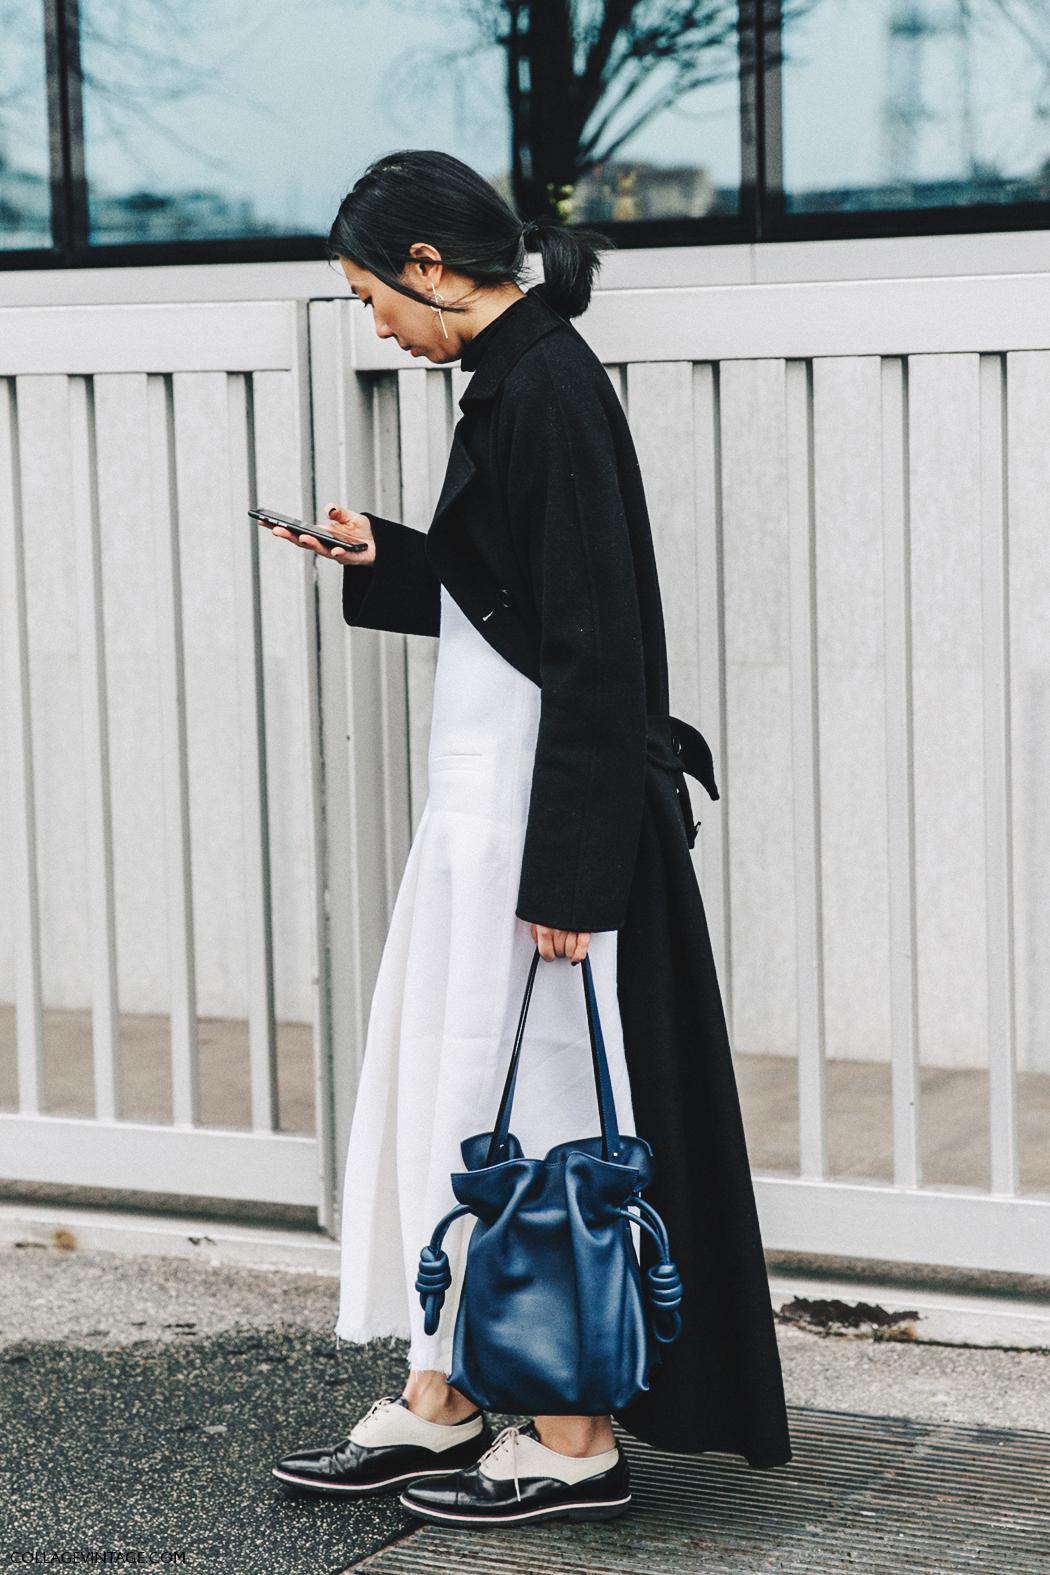 Milan_Fashion_Week_Fall_16-MFW-Street_Style-Collage_Vintage-Loewe_Bag-Oxfords-